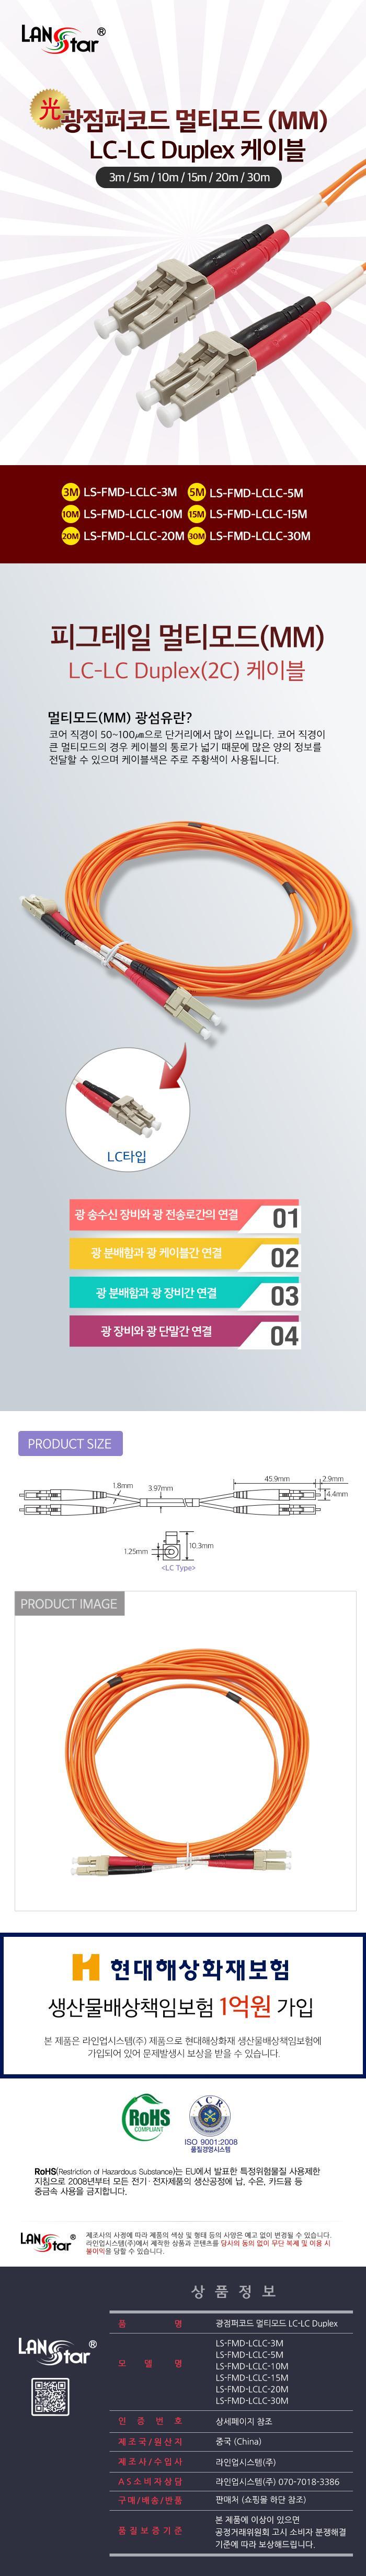 라인업시스템 LANSTAR LS-FMD-LCLC 광점퍼코드 멀티모드 LC-LC Duplex 케이블 (10m)